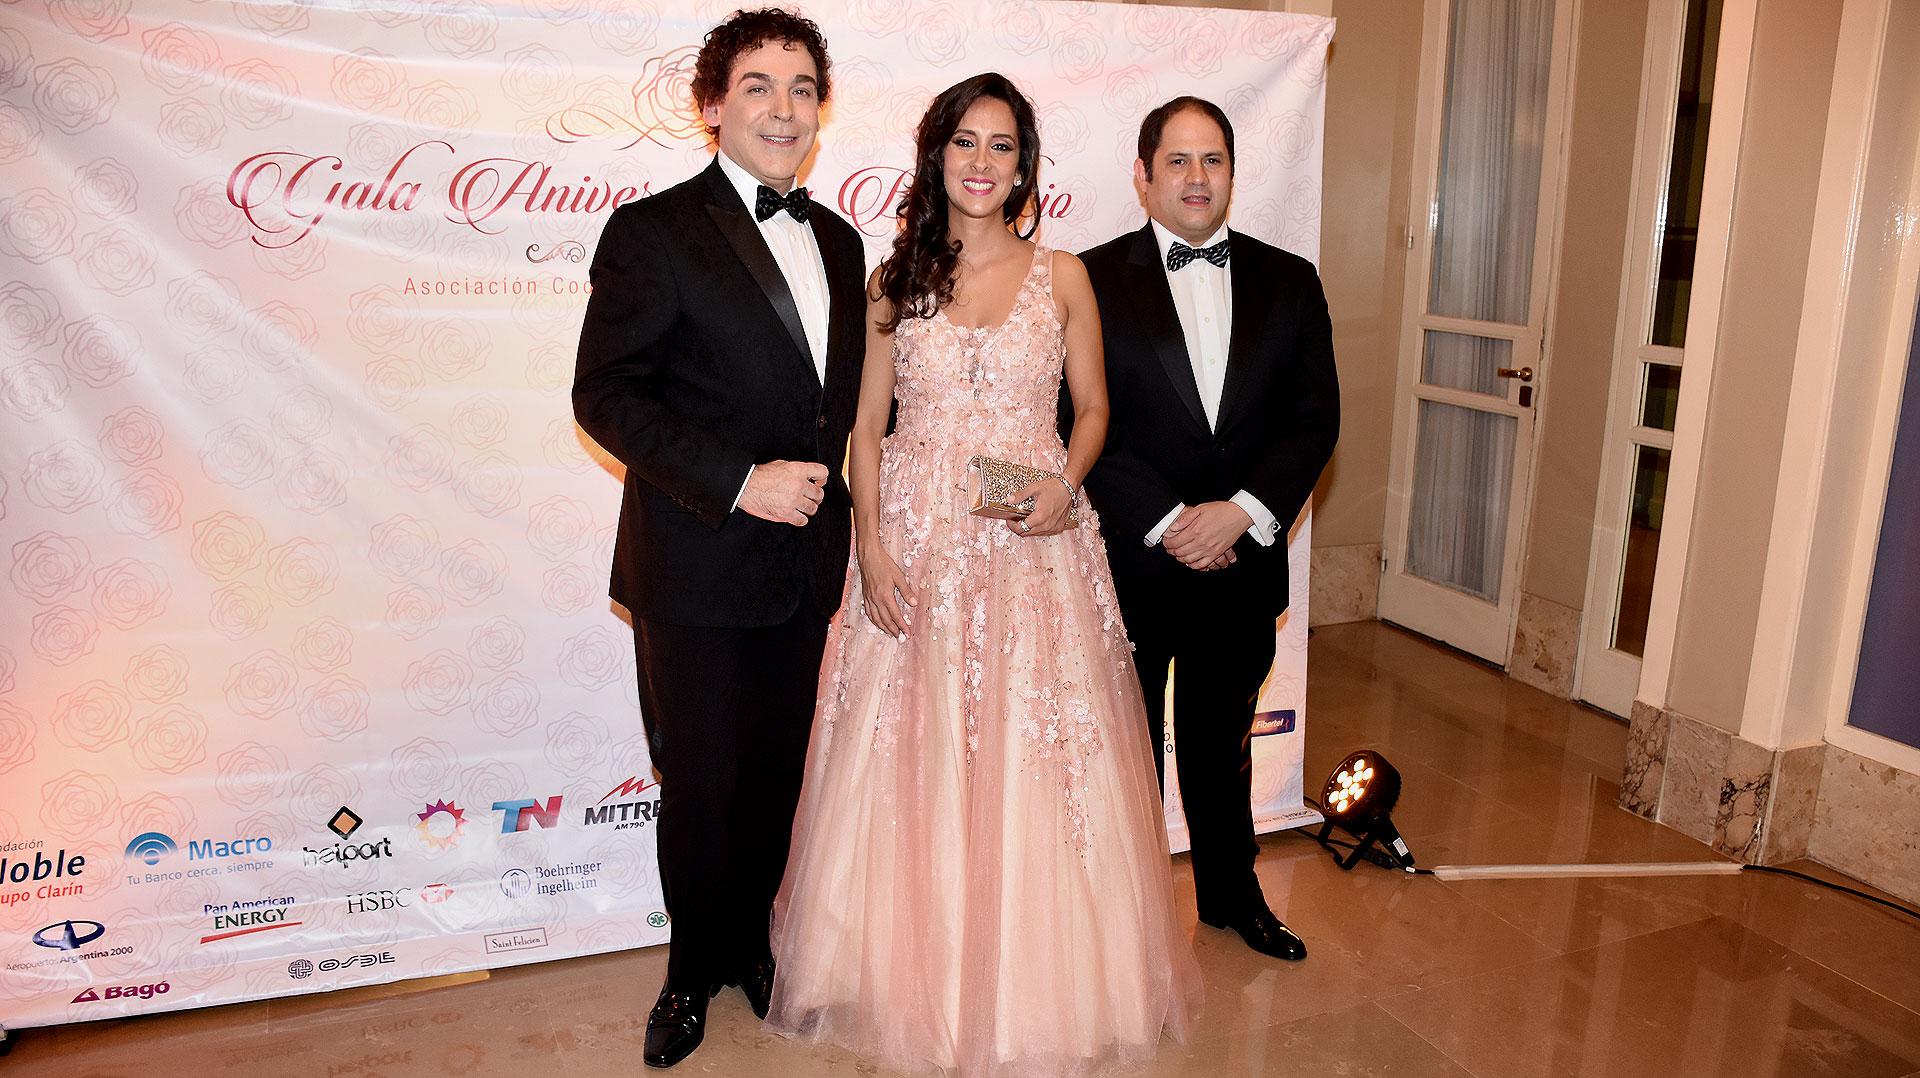 Sergio Company junto al matrimonio Noble Herrera